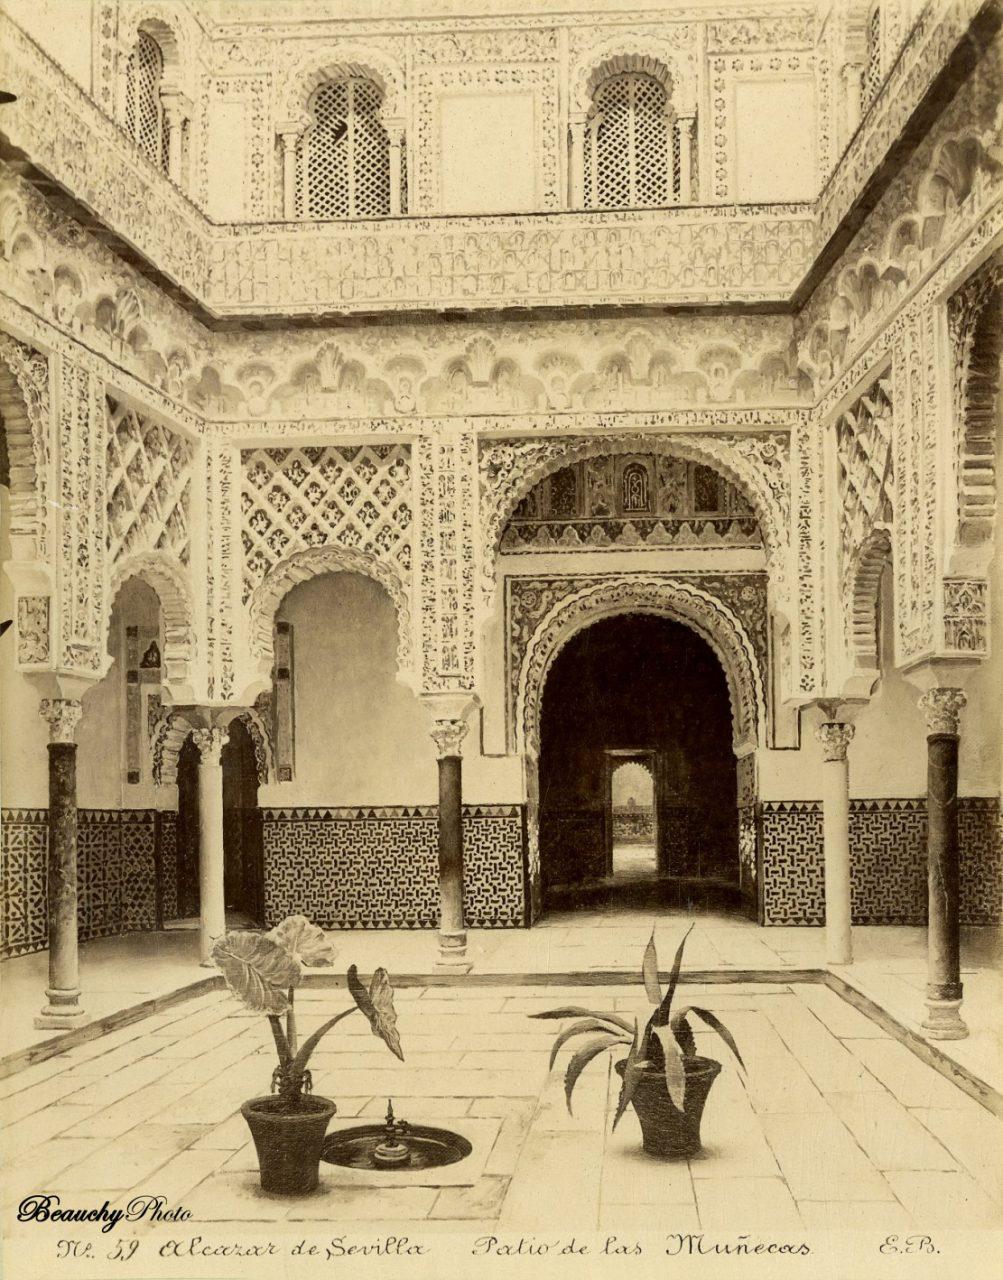 Beauchyphoto_Alcázar_de_Sevilla_Patio_de_las_Muñecas_Emilio_Beauchy_Cano_fotografias_antiguas_postales_vistas_y_monumentos